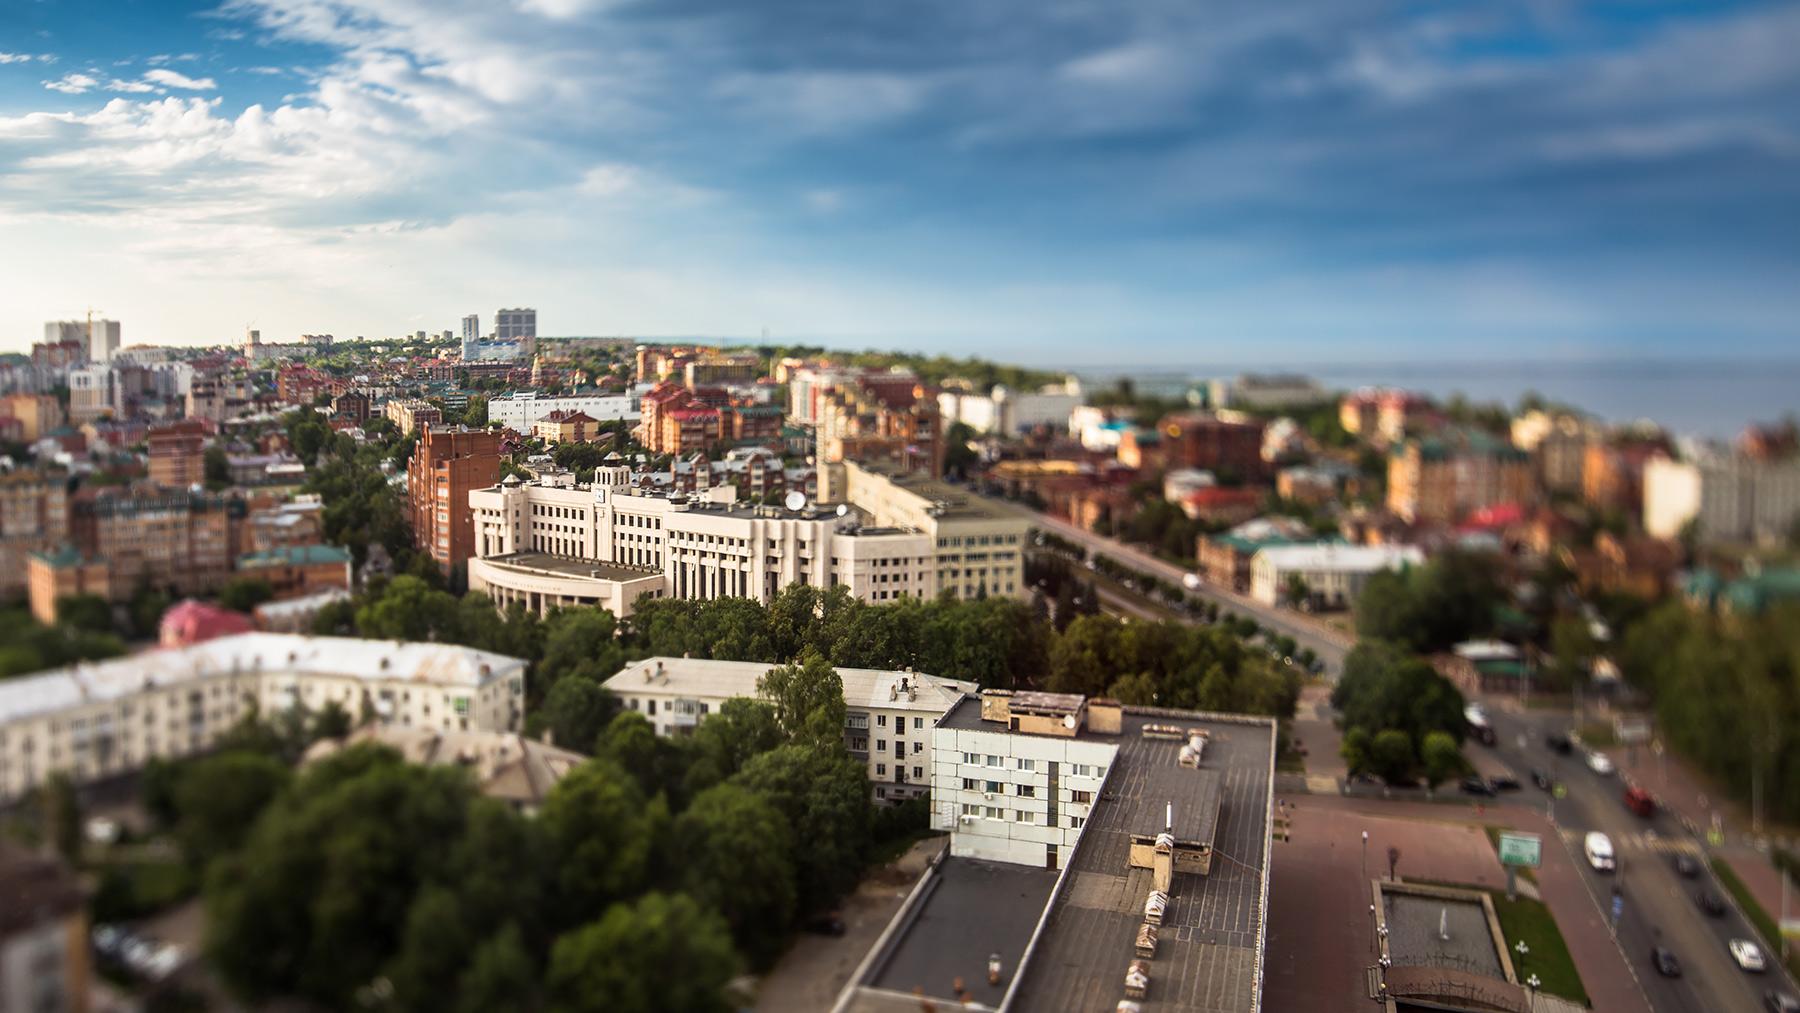 Ульяновск с высоты. Ленинский район(Центр). Июль 2018.